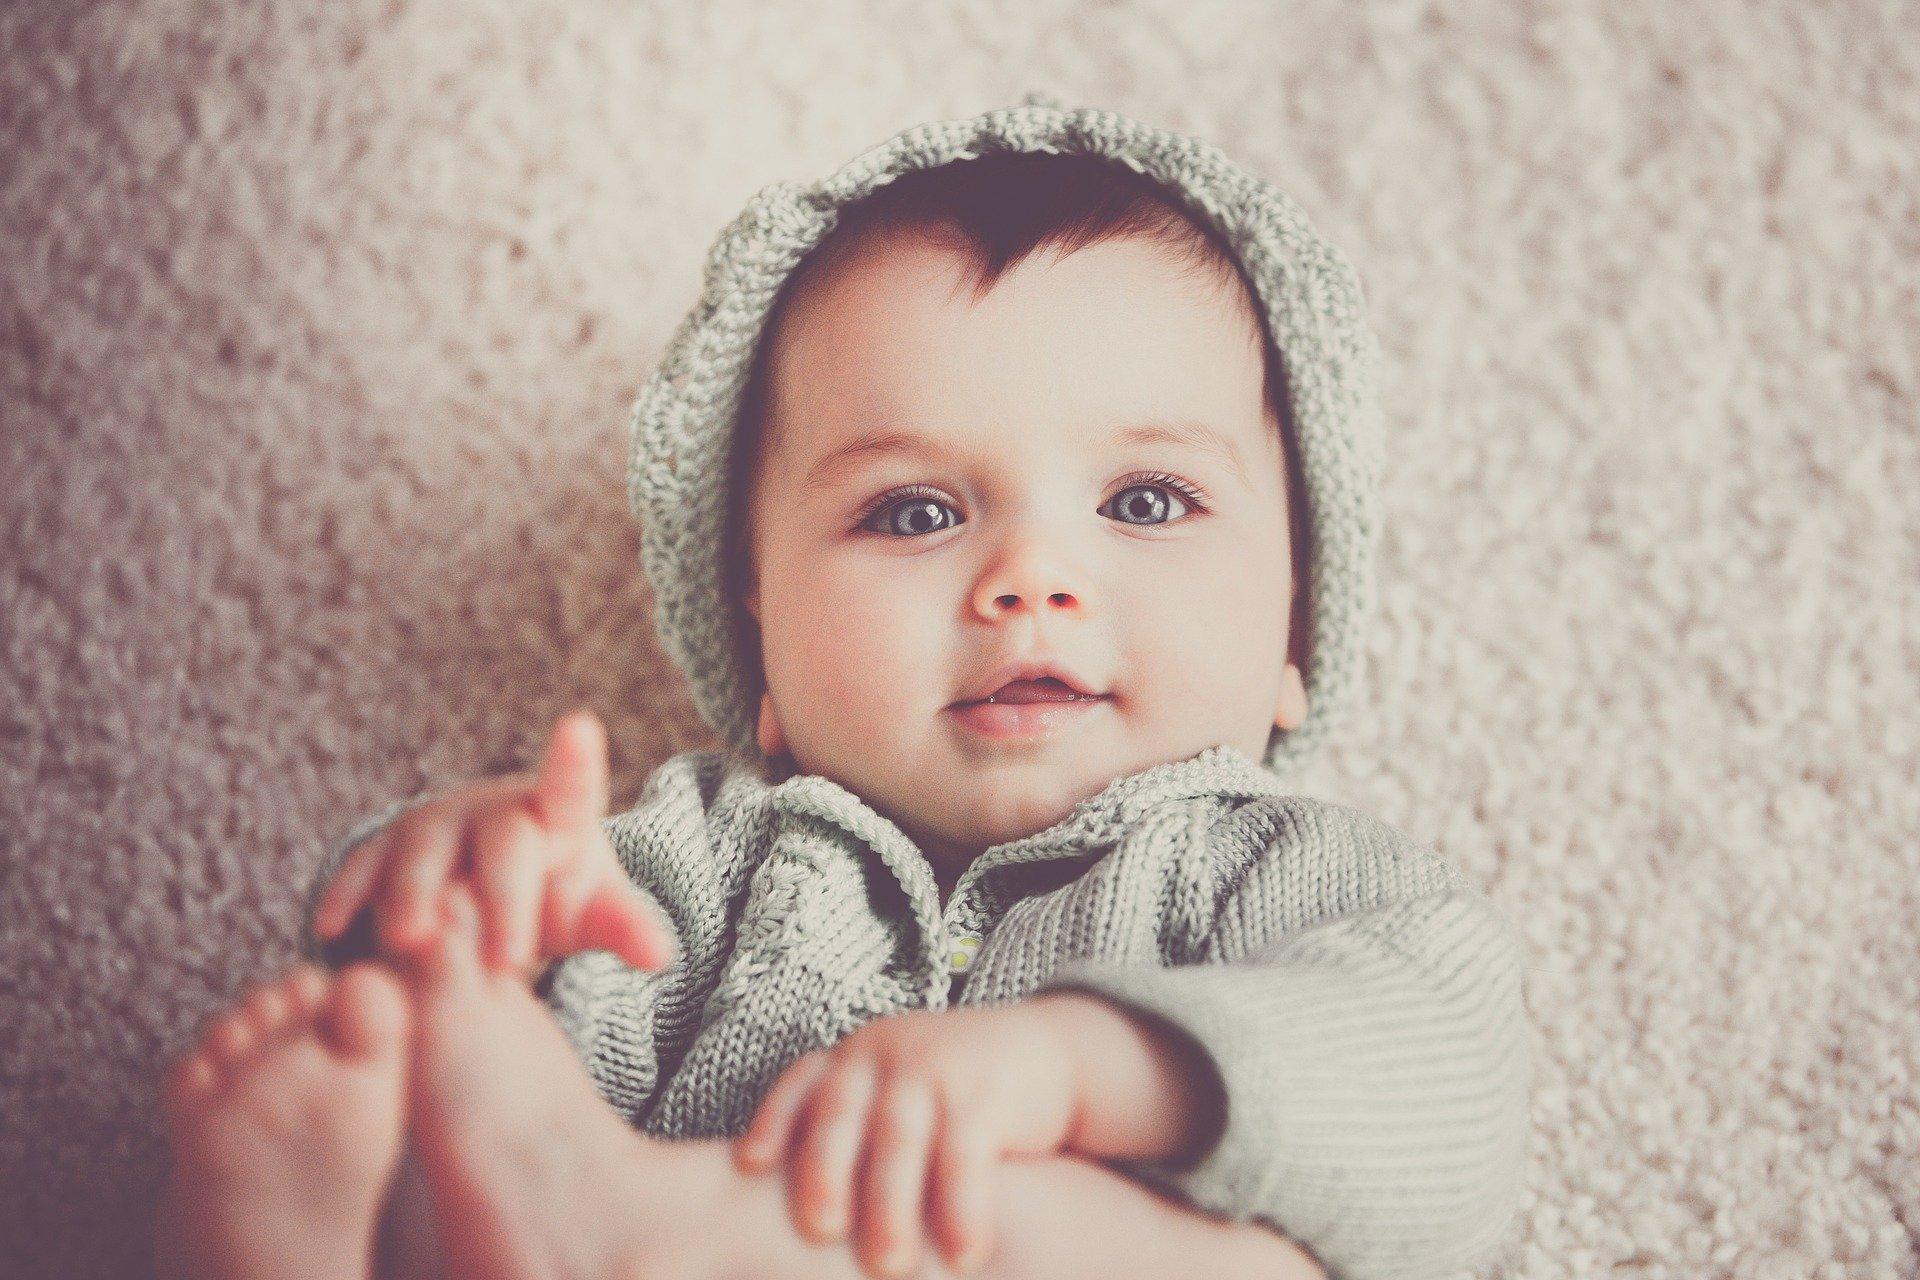 Inteligentny kombinezon sprawdzi, czy Twoje dziecko rozwija się prawidłowo